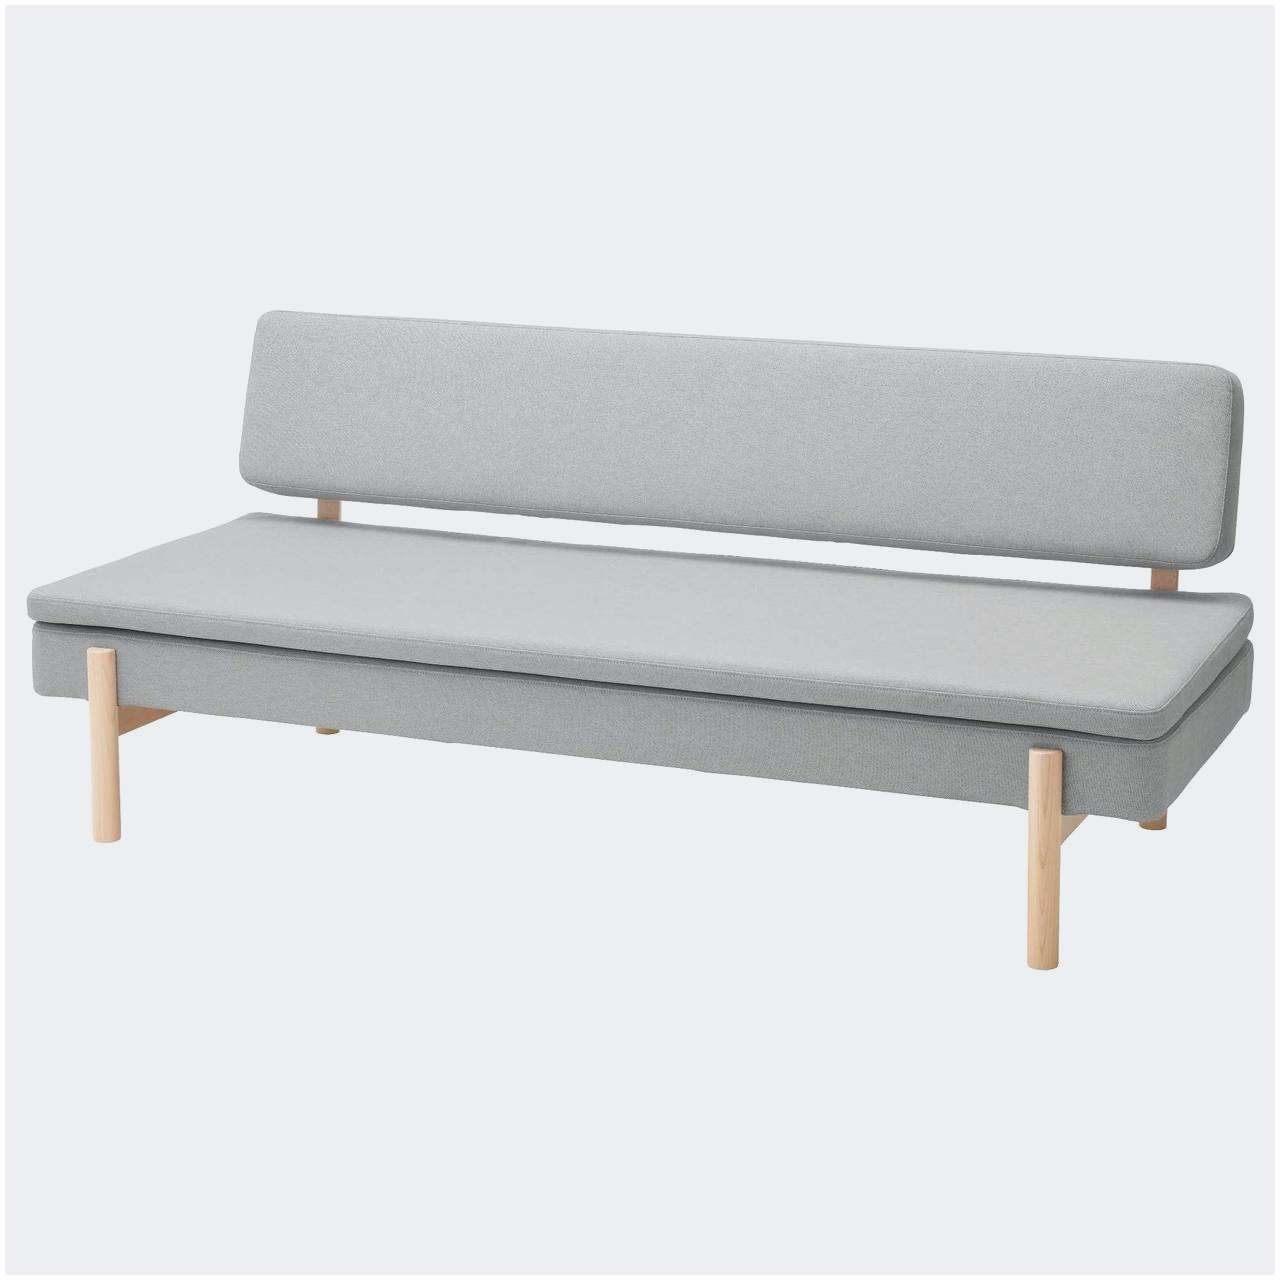 Lit Escamotable Canapé Ikea Luxe Beau 45 Unique Canapé 2 Places Gris Foncé Pour Alternative Lit